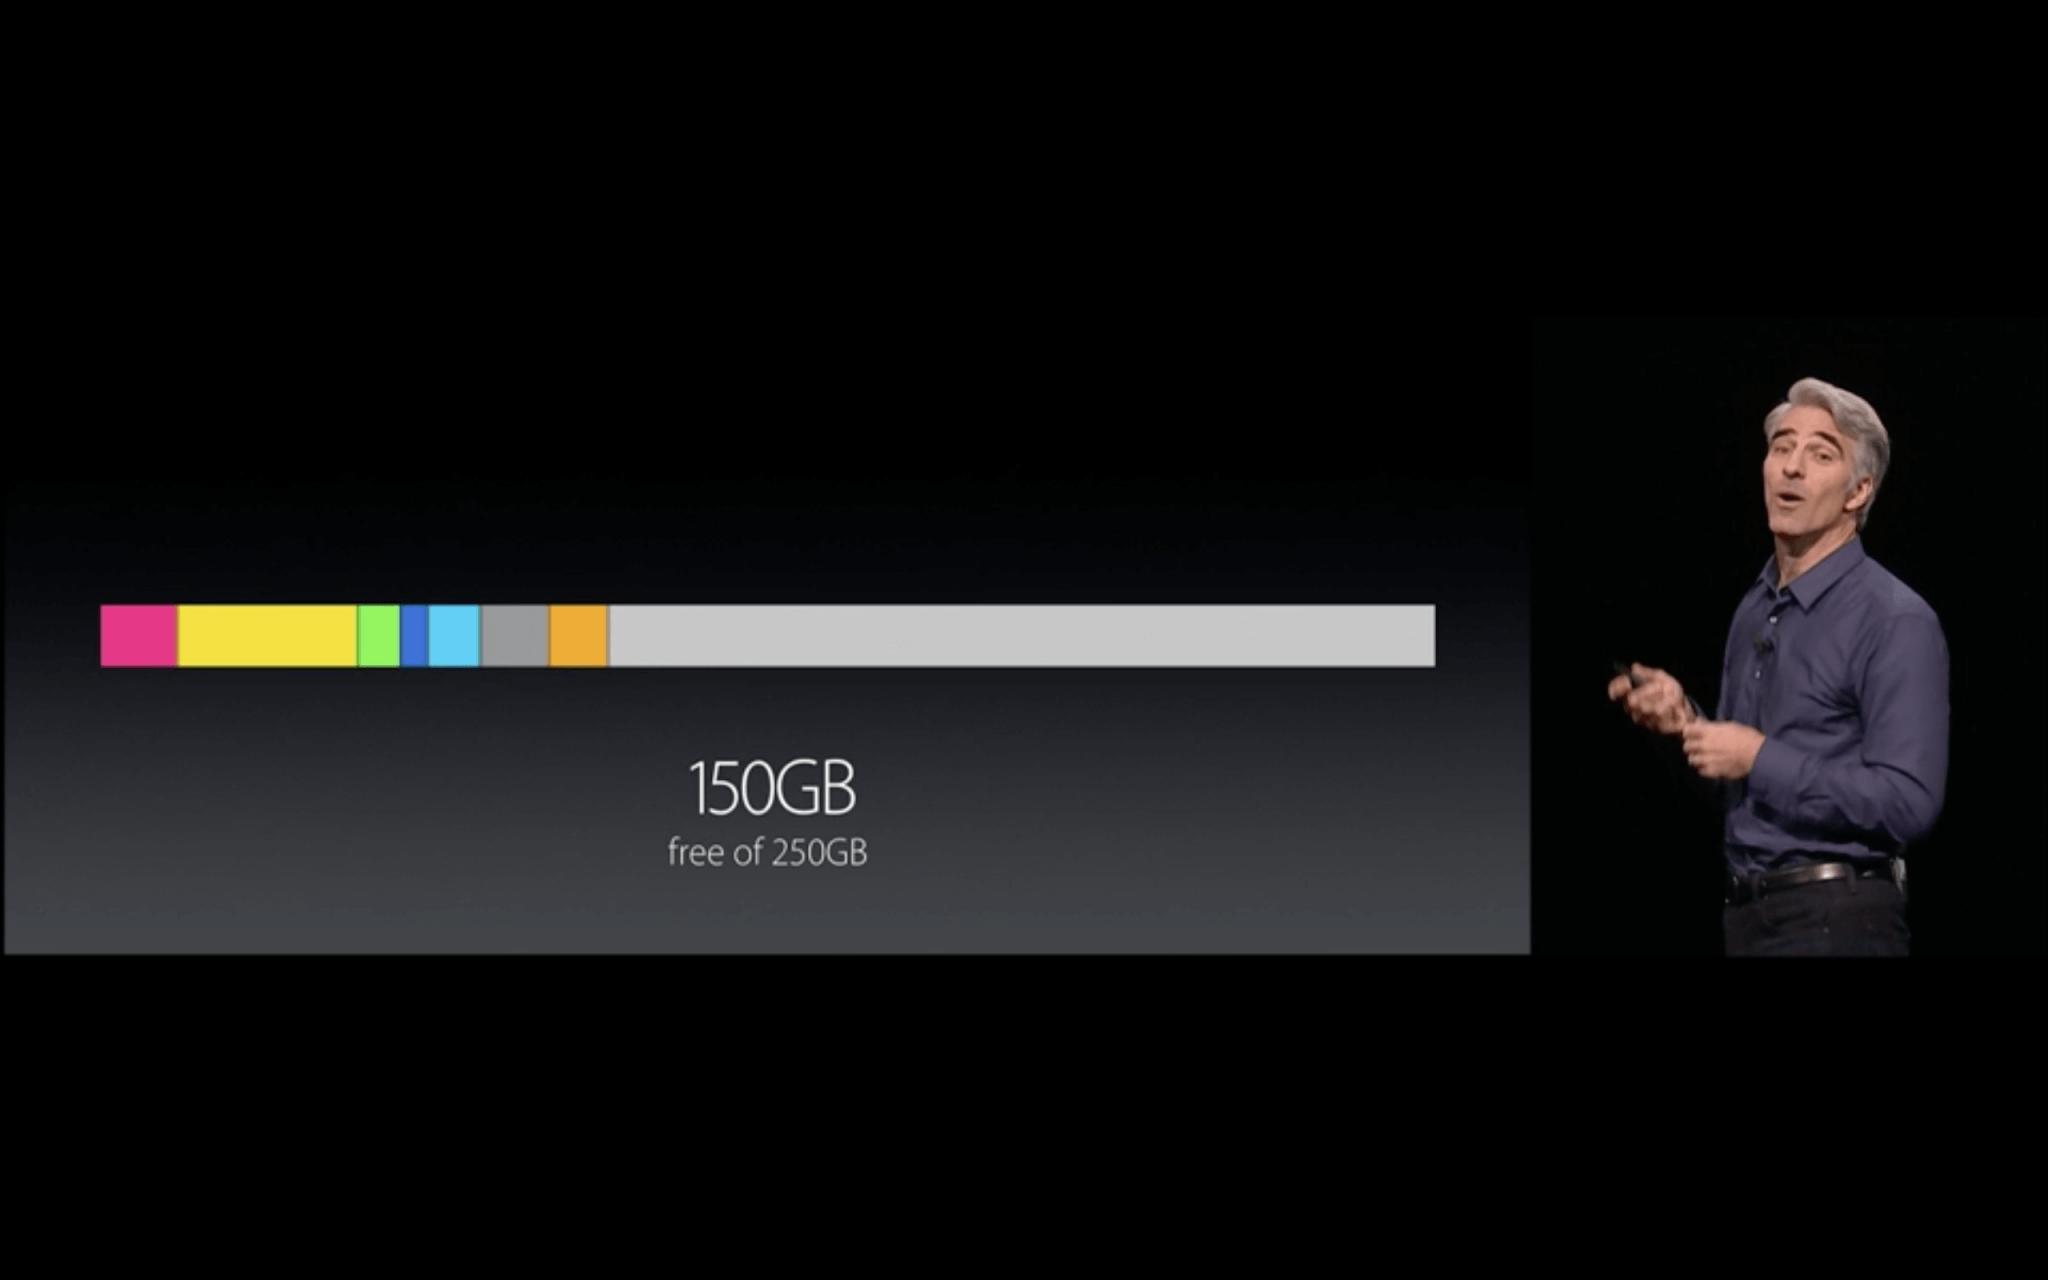 WWDC: Storage Optimising lagert nicht benötigte Daten in die iCloud aus und spart so viel Speicherplatz (Screenshot von Apples Lifestream)